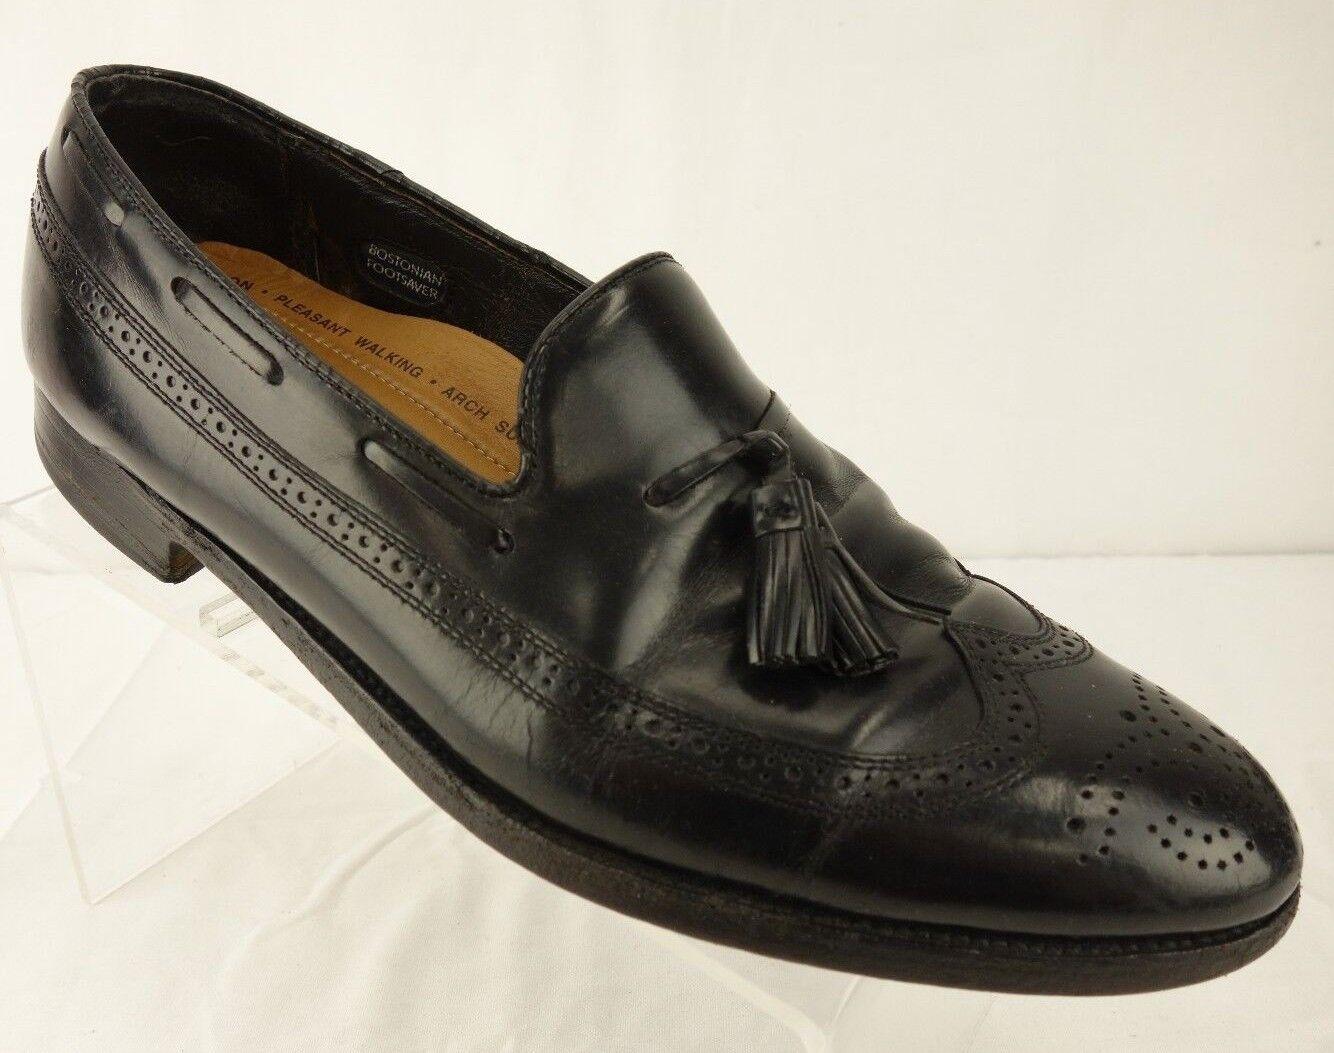 BOSTONIAN Brogue punta del ala Mocasines Con Borlas De Cuero Negro De Vestir Zapatos para hombre 11.5